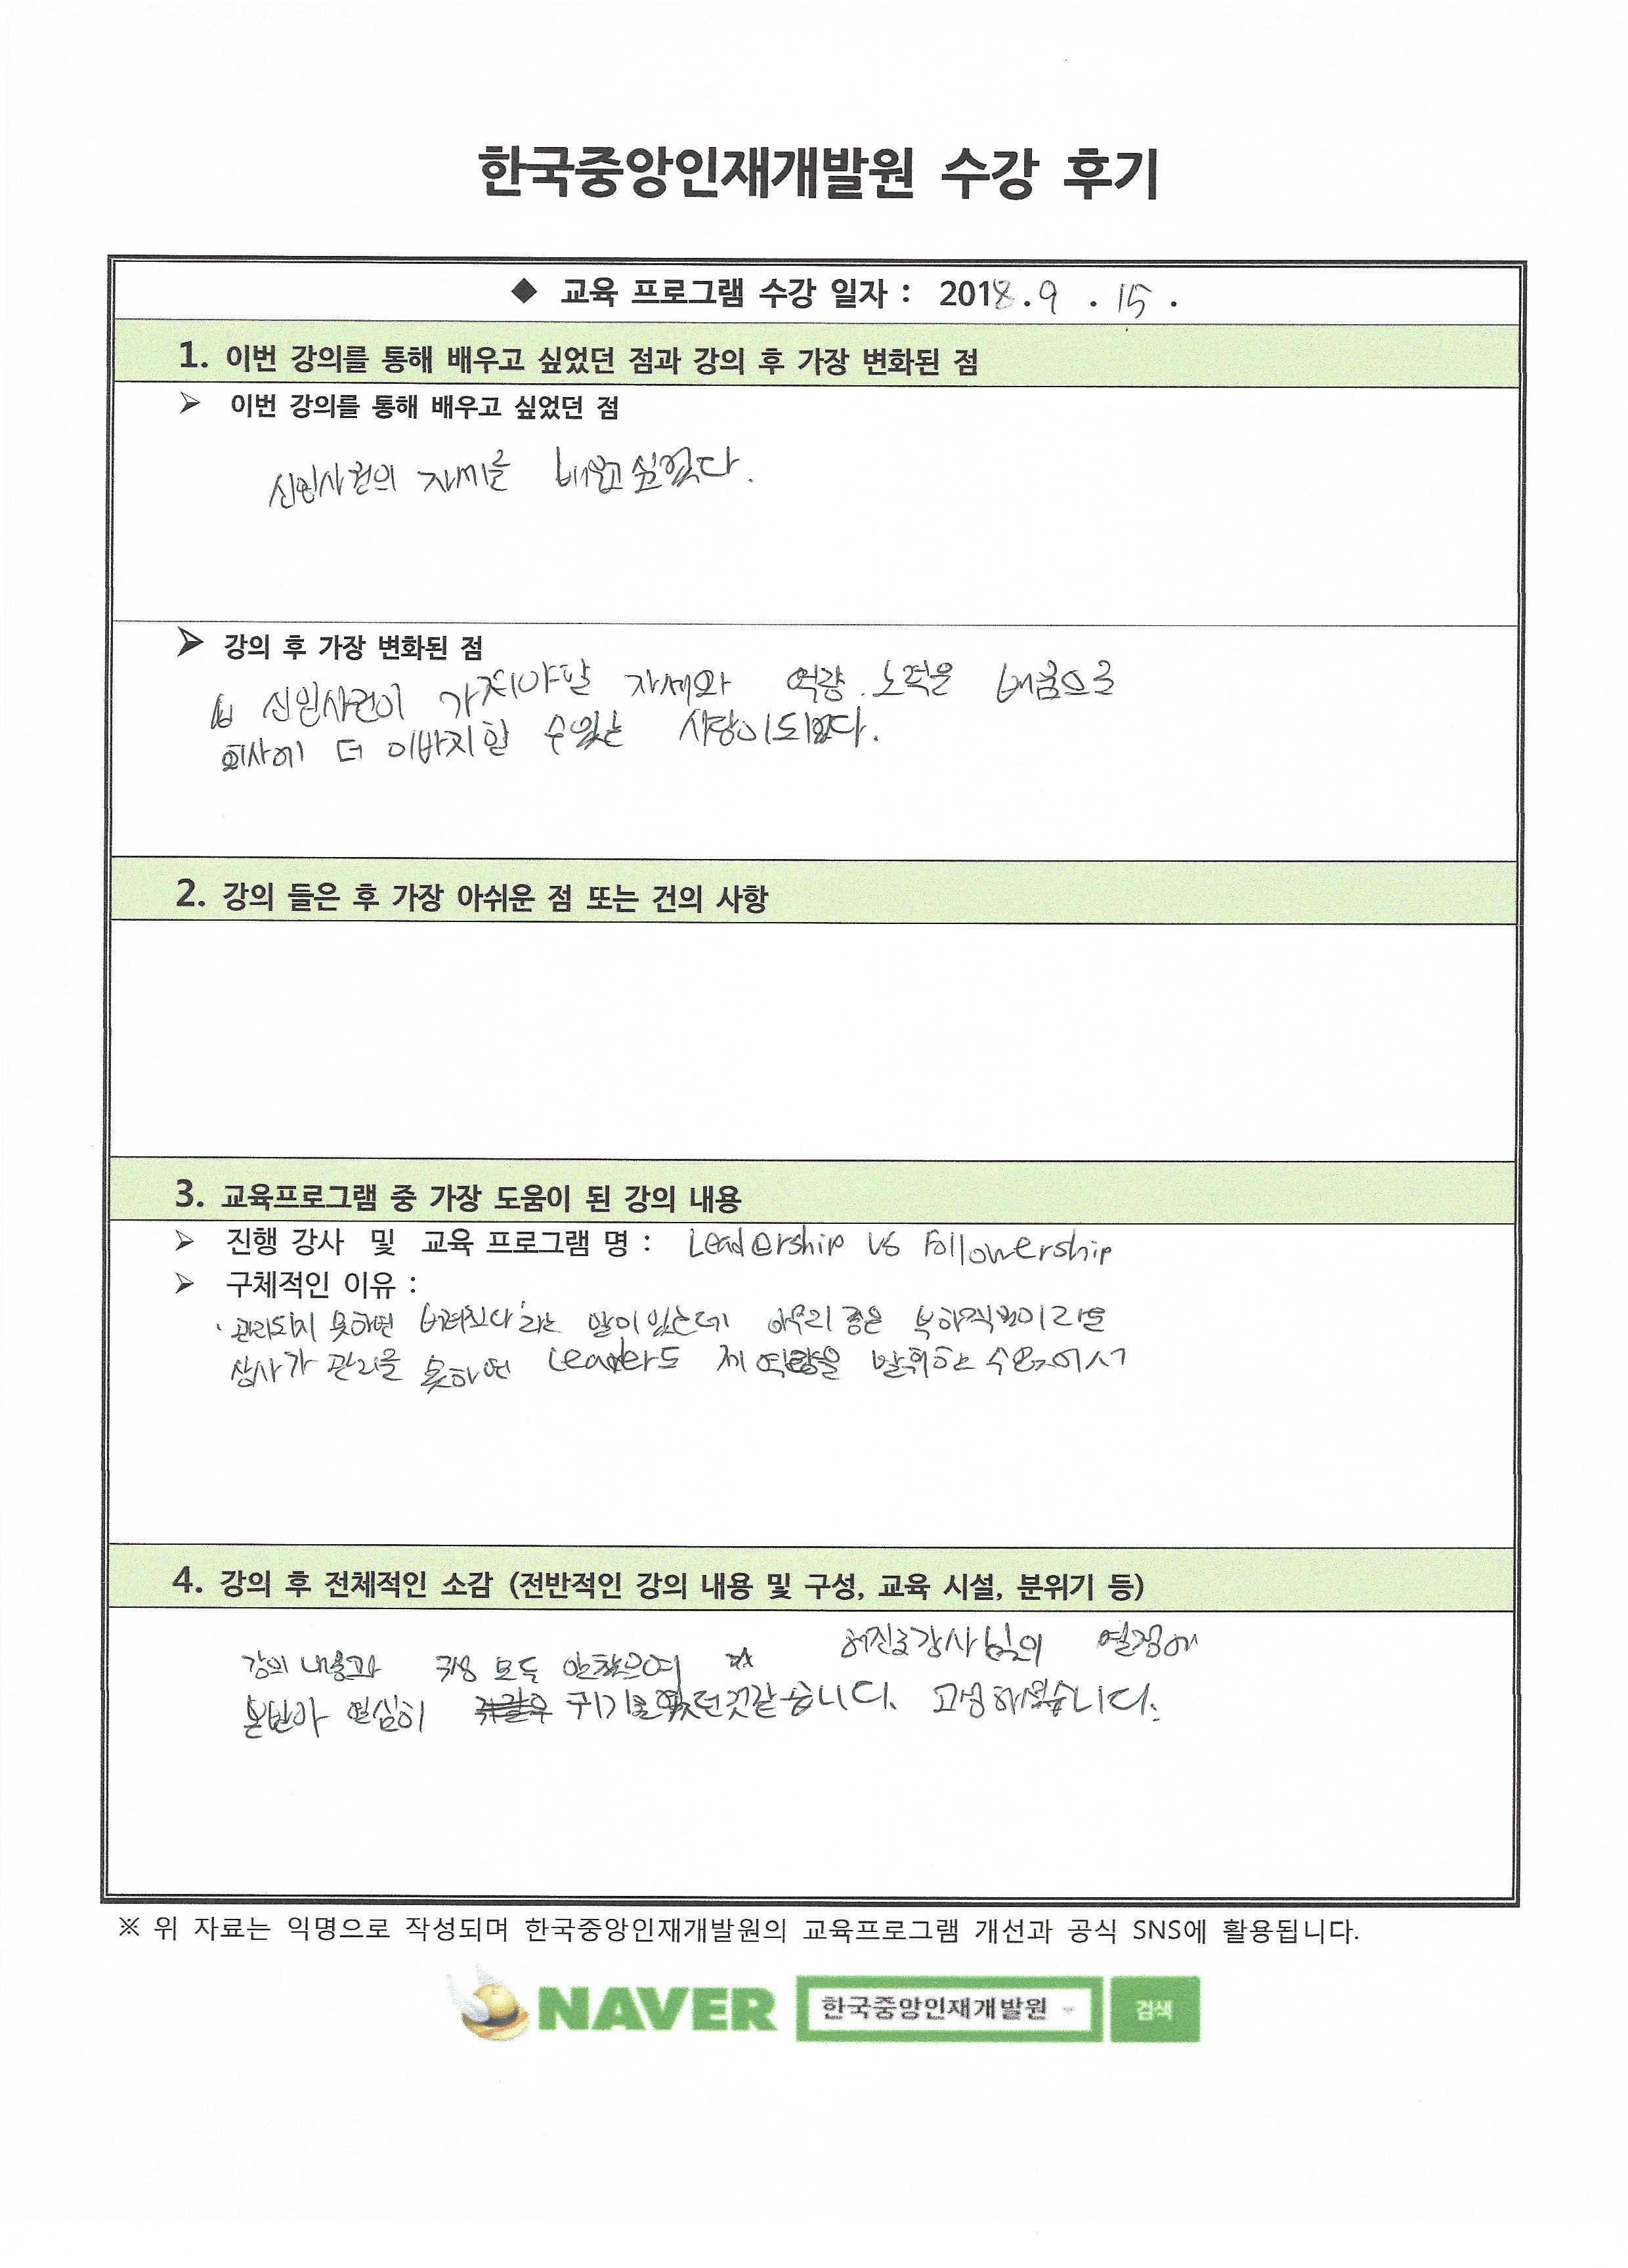 풍림푸드 후기-3 사본.JPG